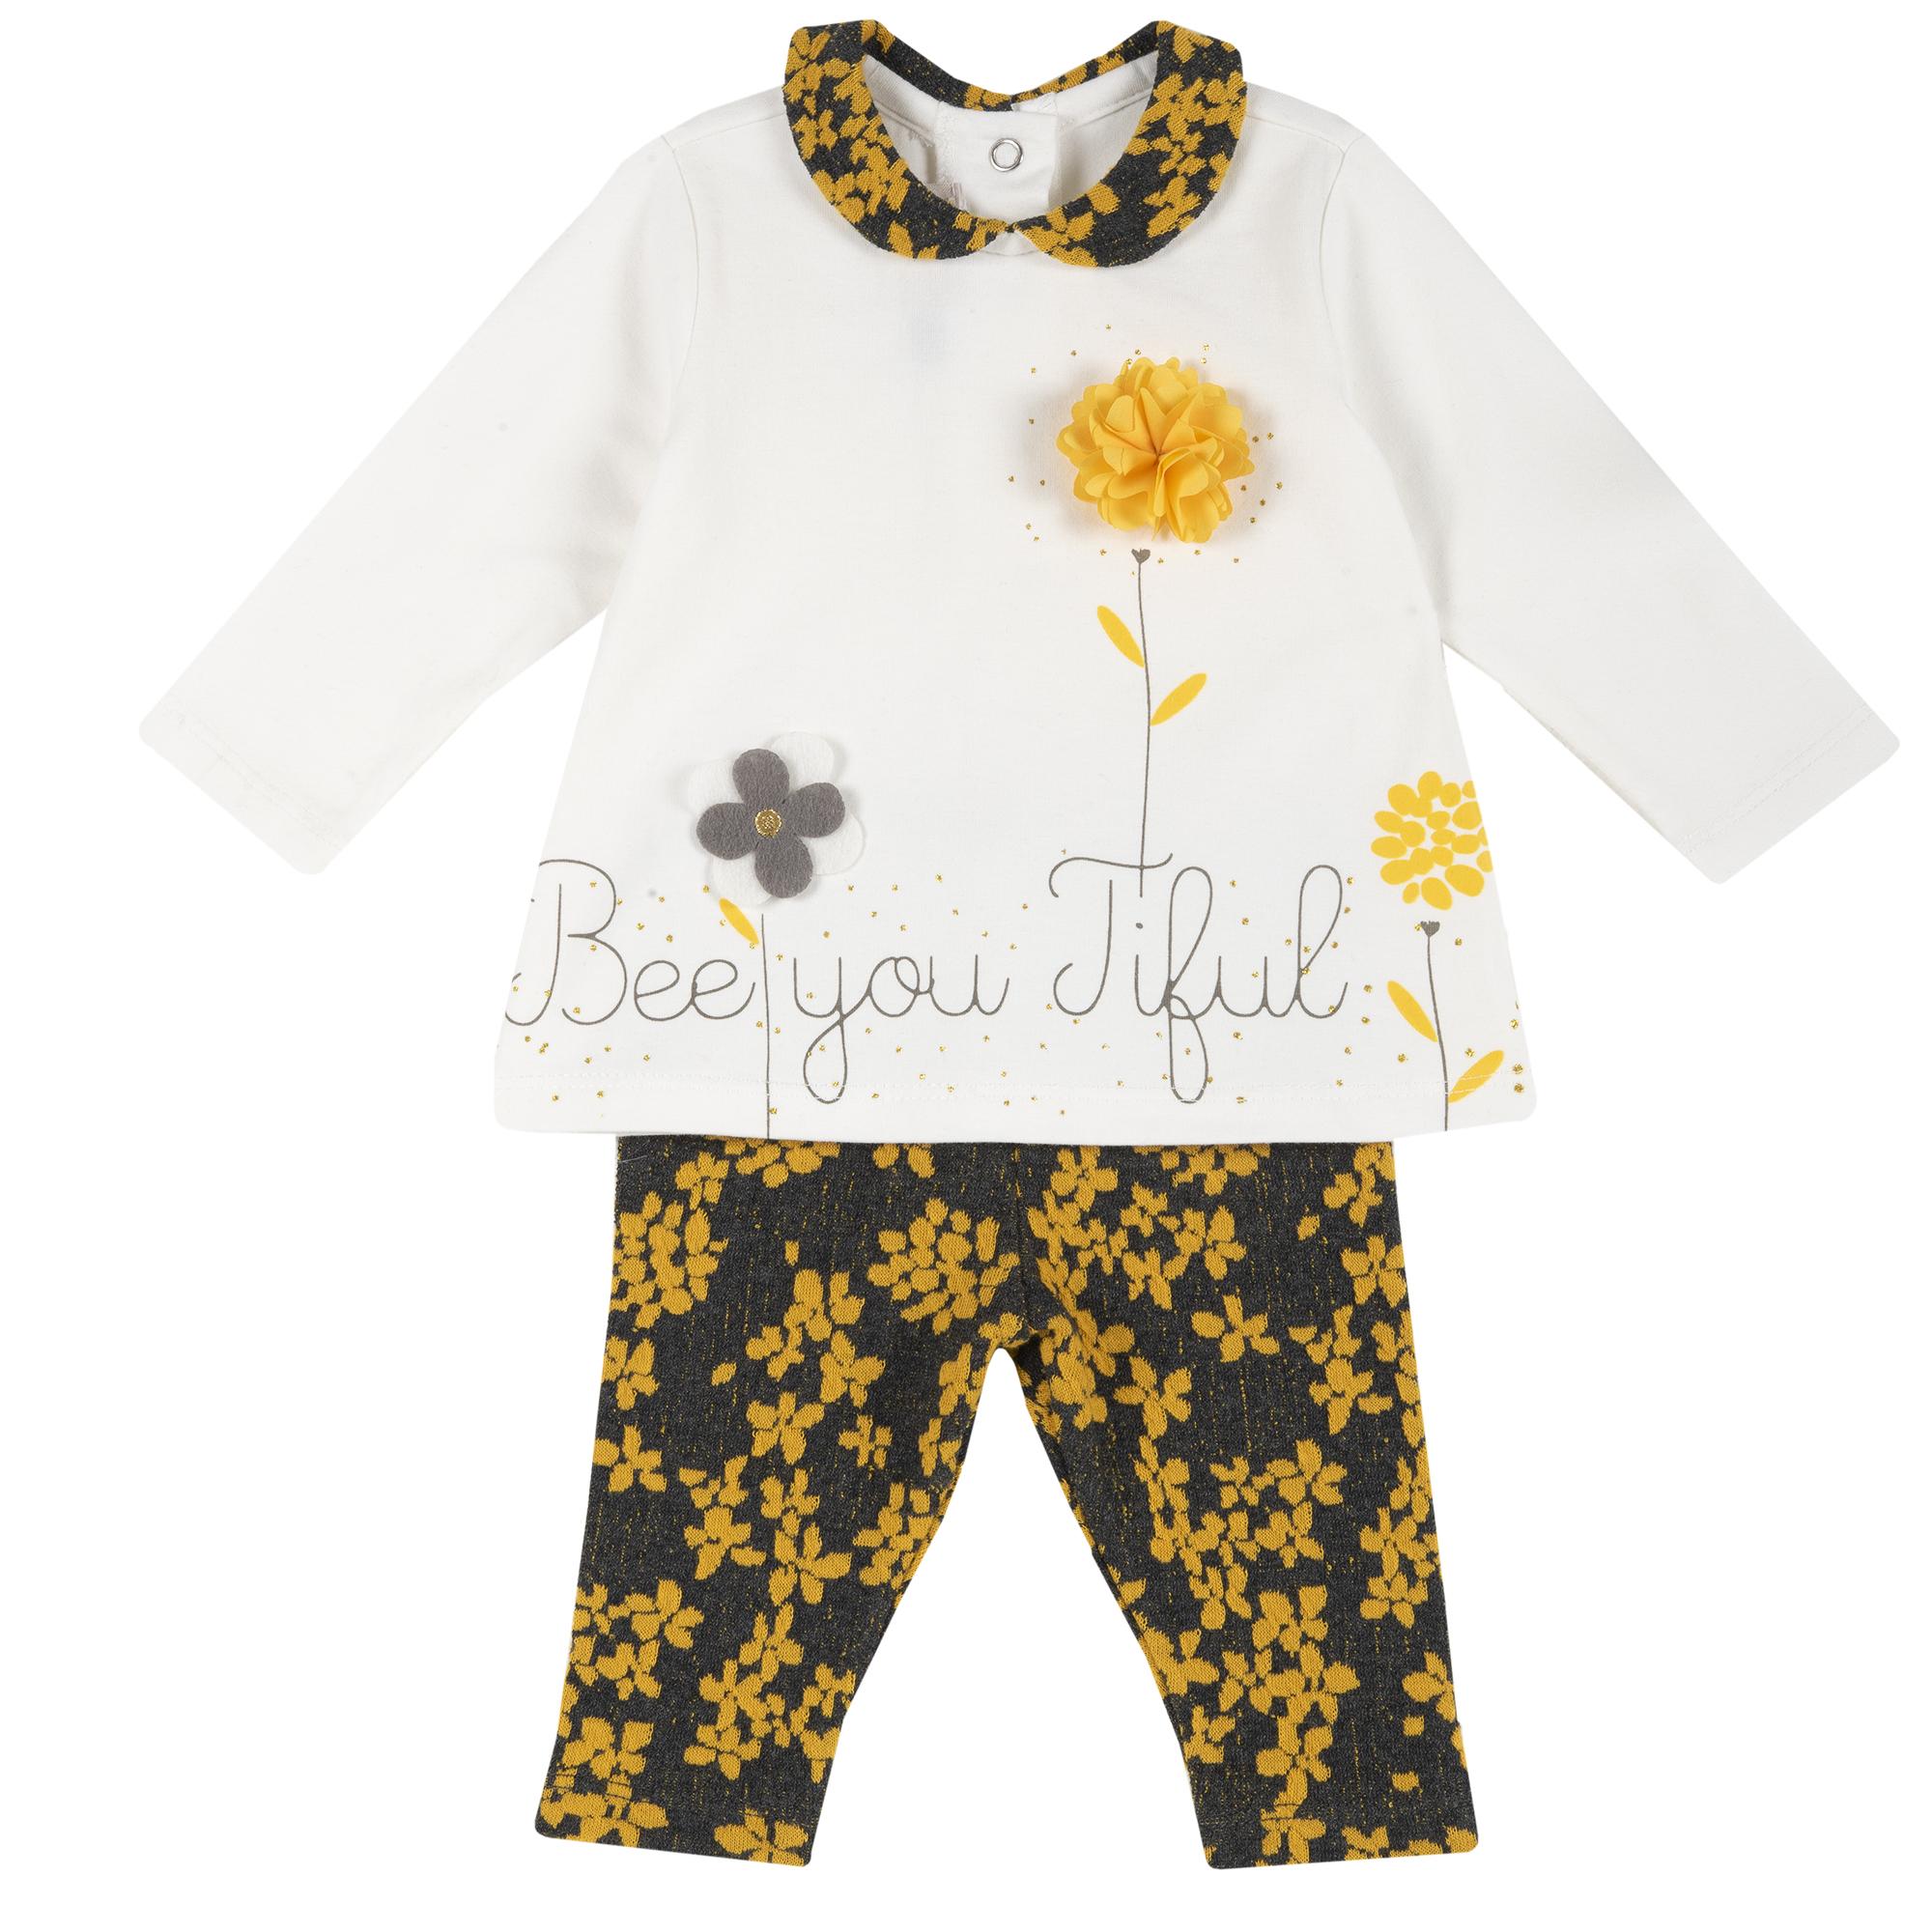 Tricou Si Colanti Pentru Copii, Chicco, Negru Cu Model, 74823 imagine